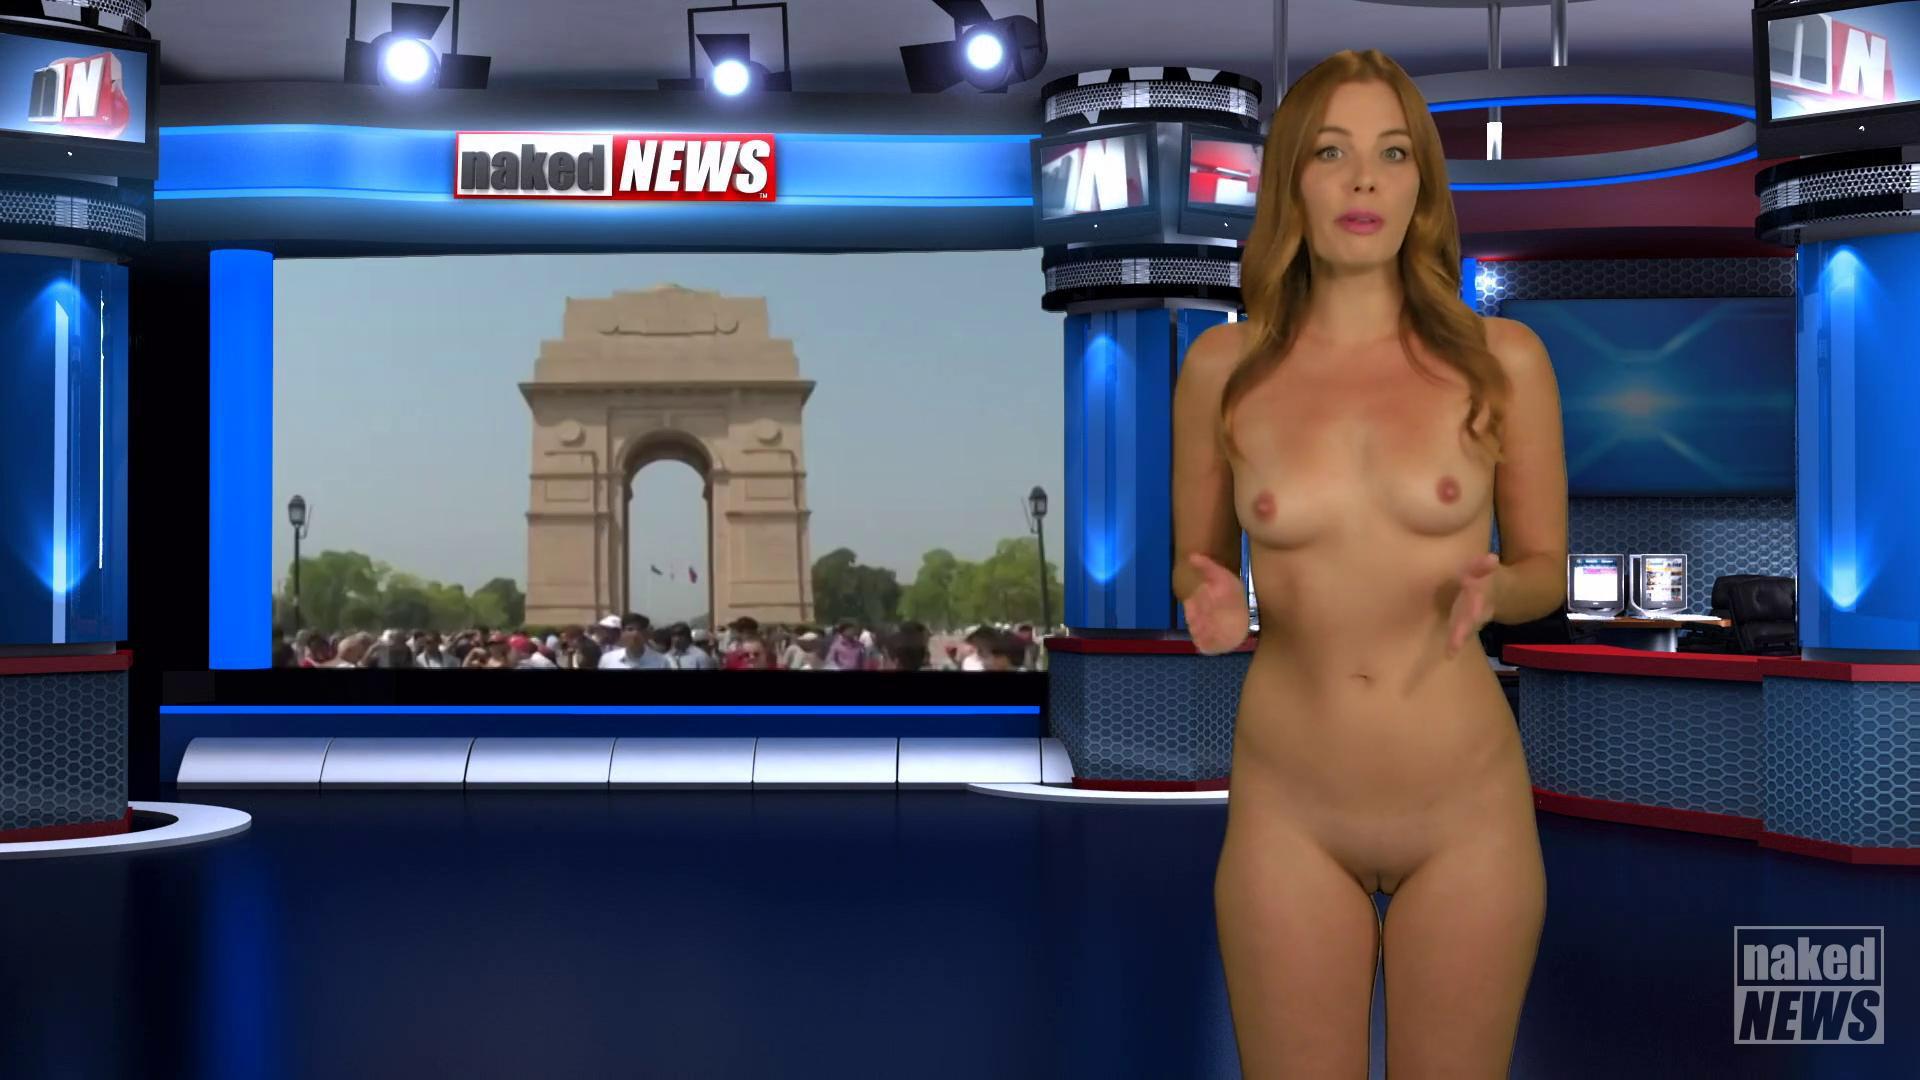 Nude female weather forecaster — img 8